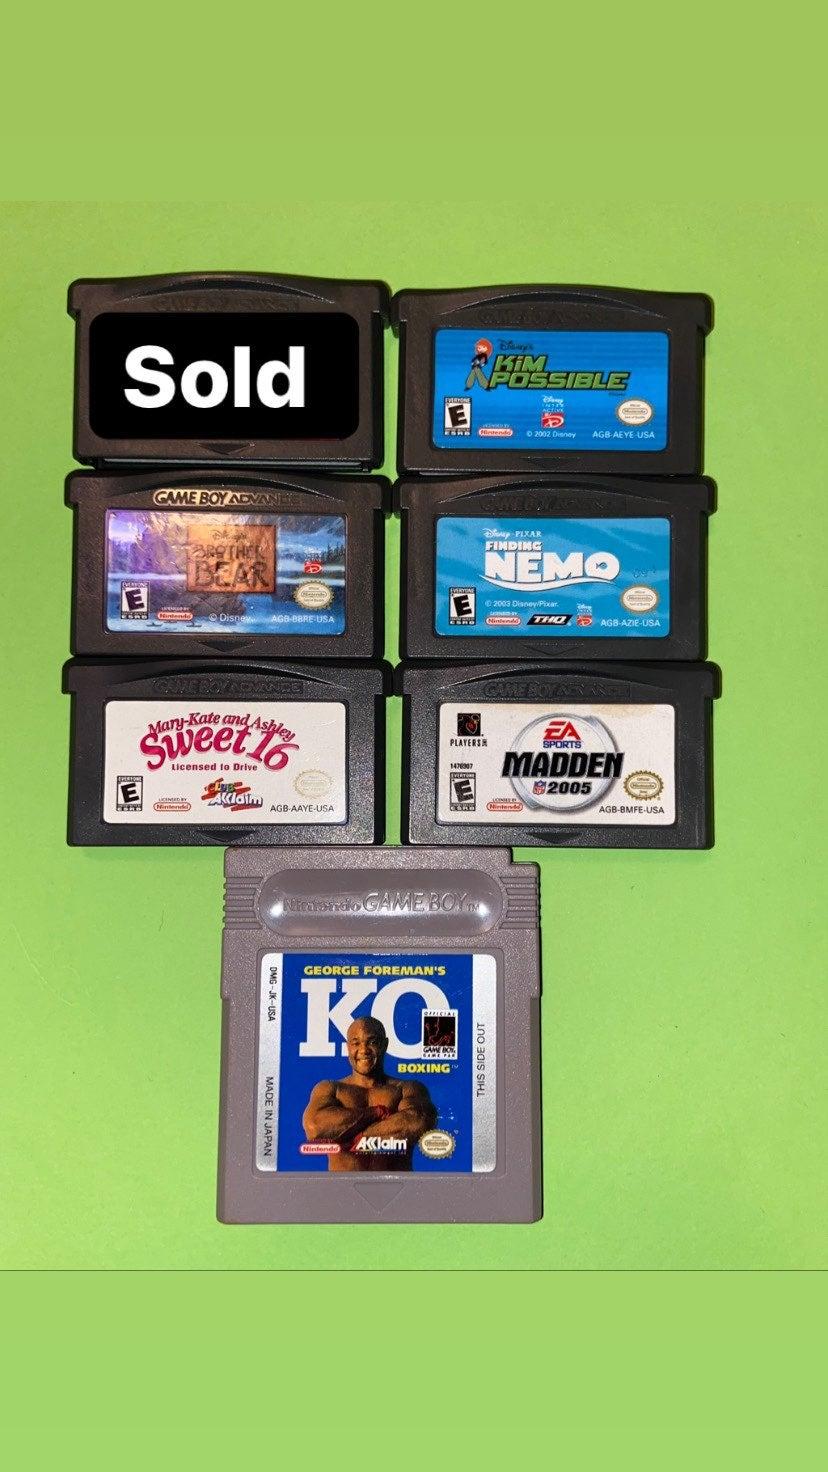 Gameboy Games ($4 each)